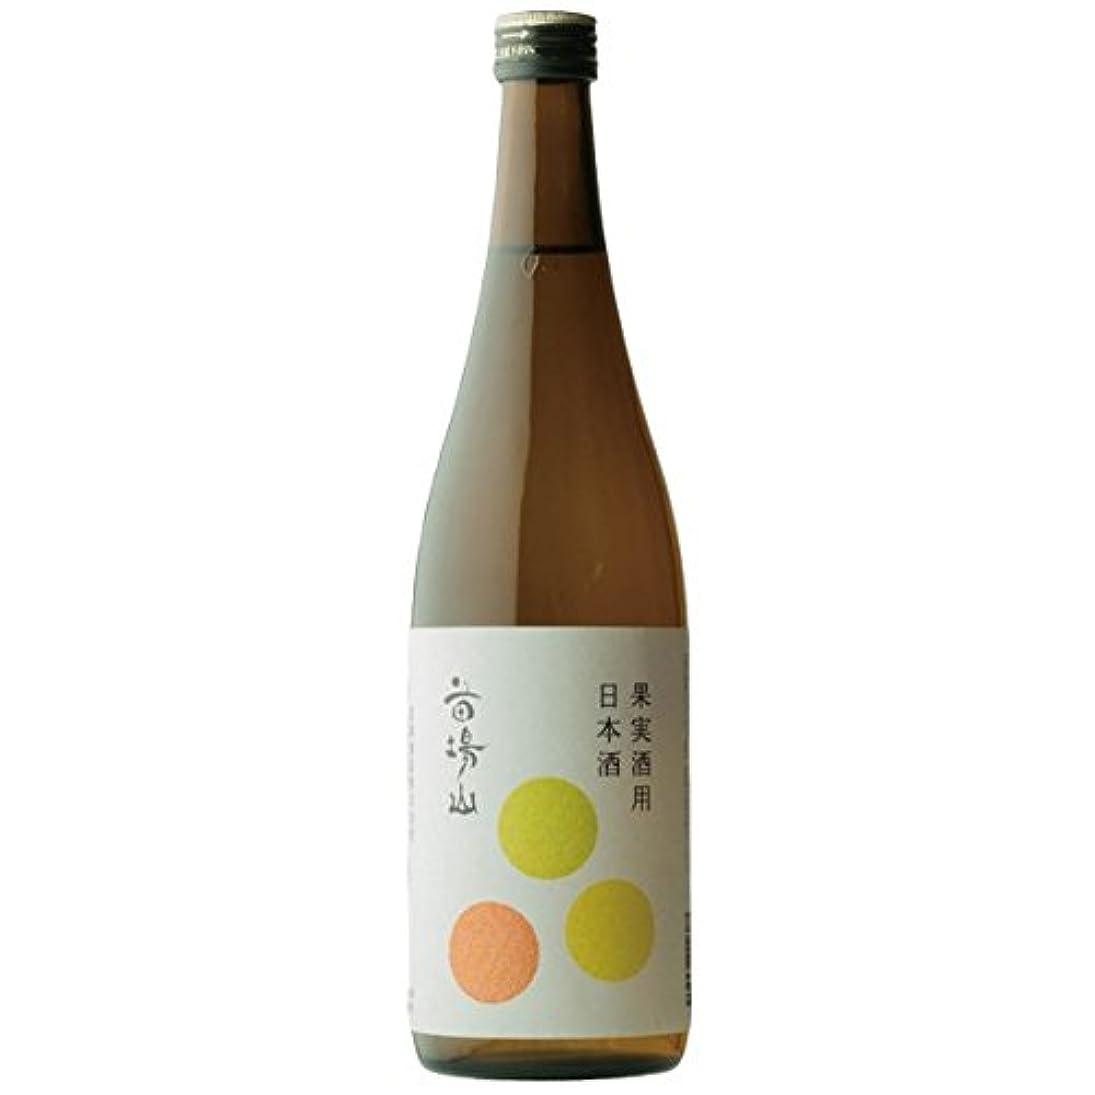 悪性腫瘍泥だらけ獲物苗場山 果実酒用 梅酒用 日本酒 720ml